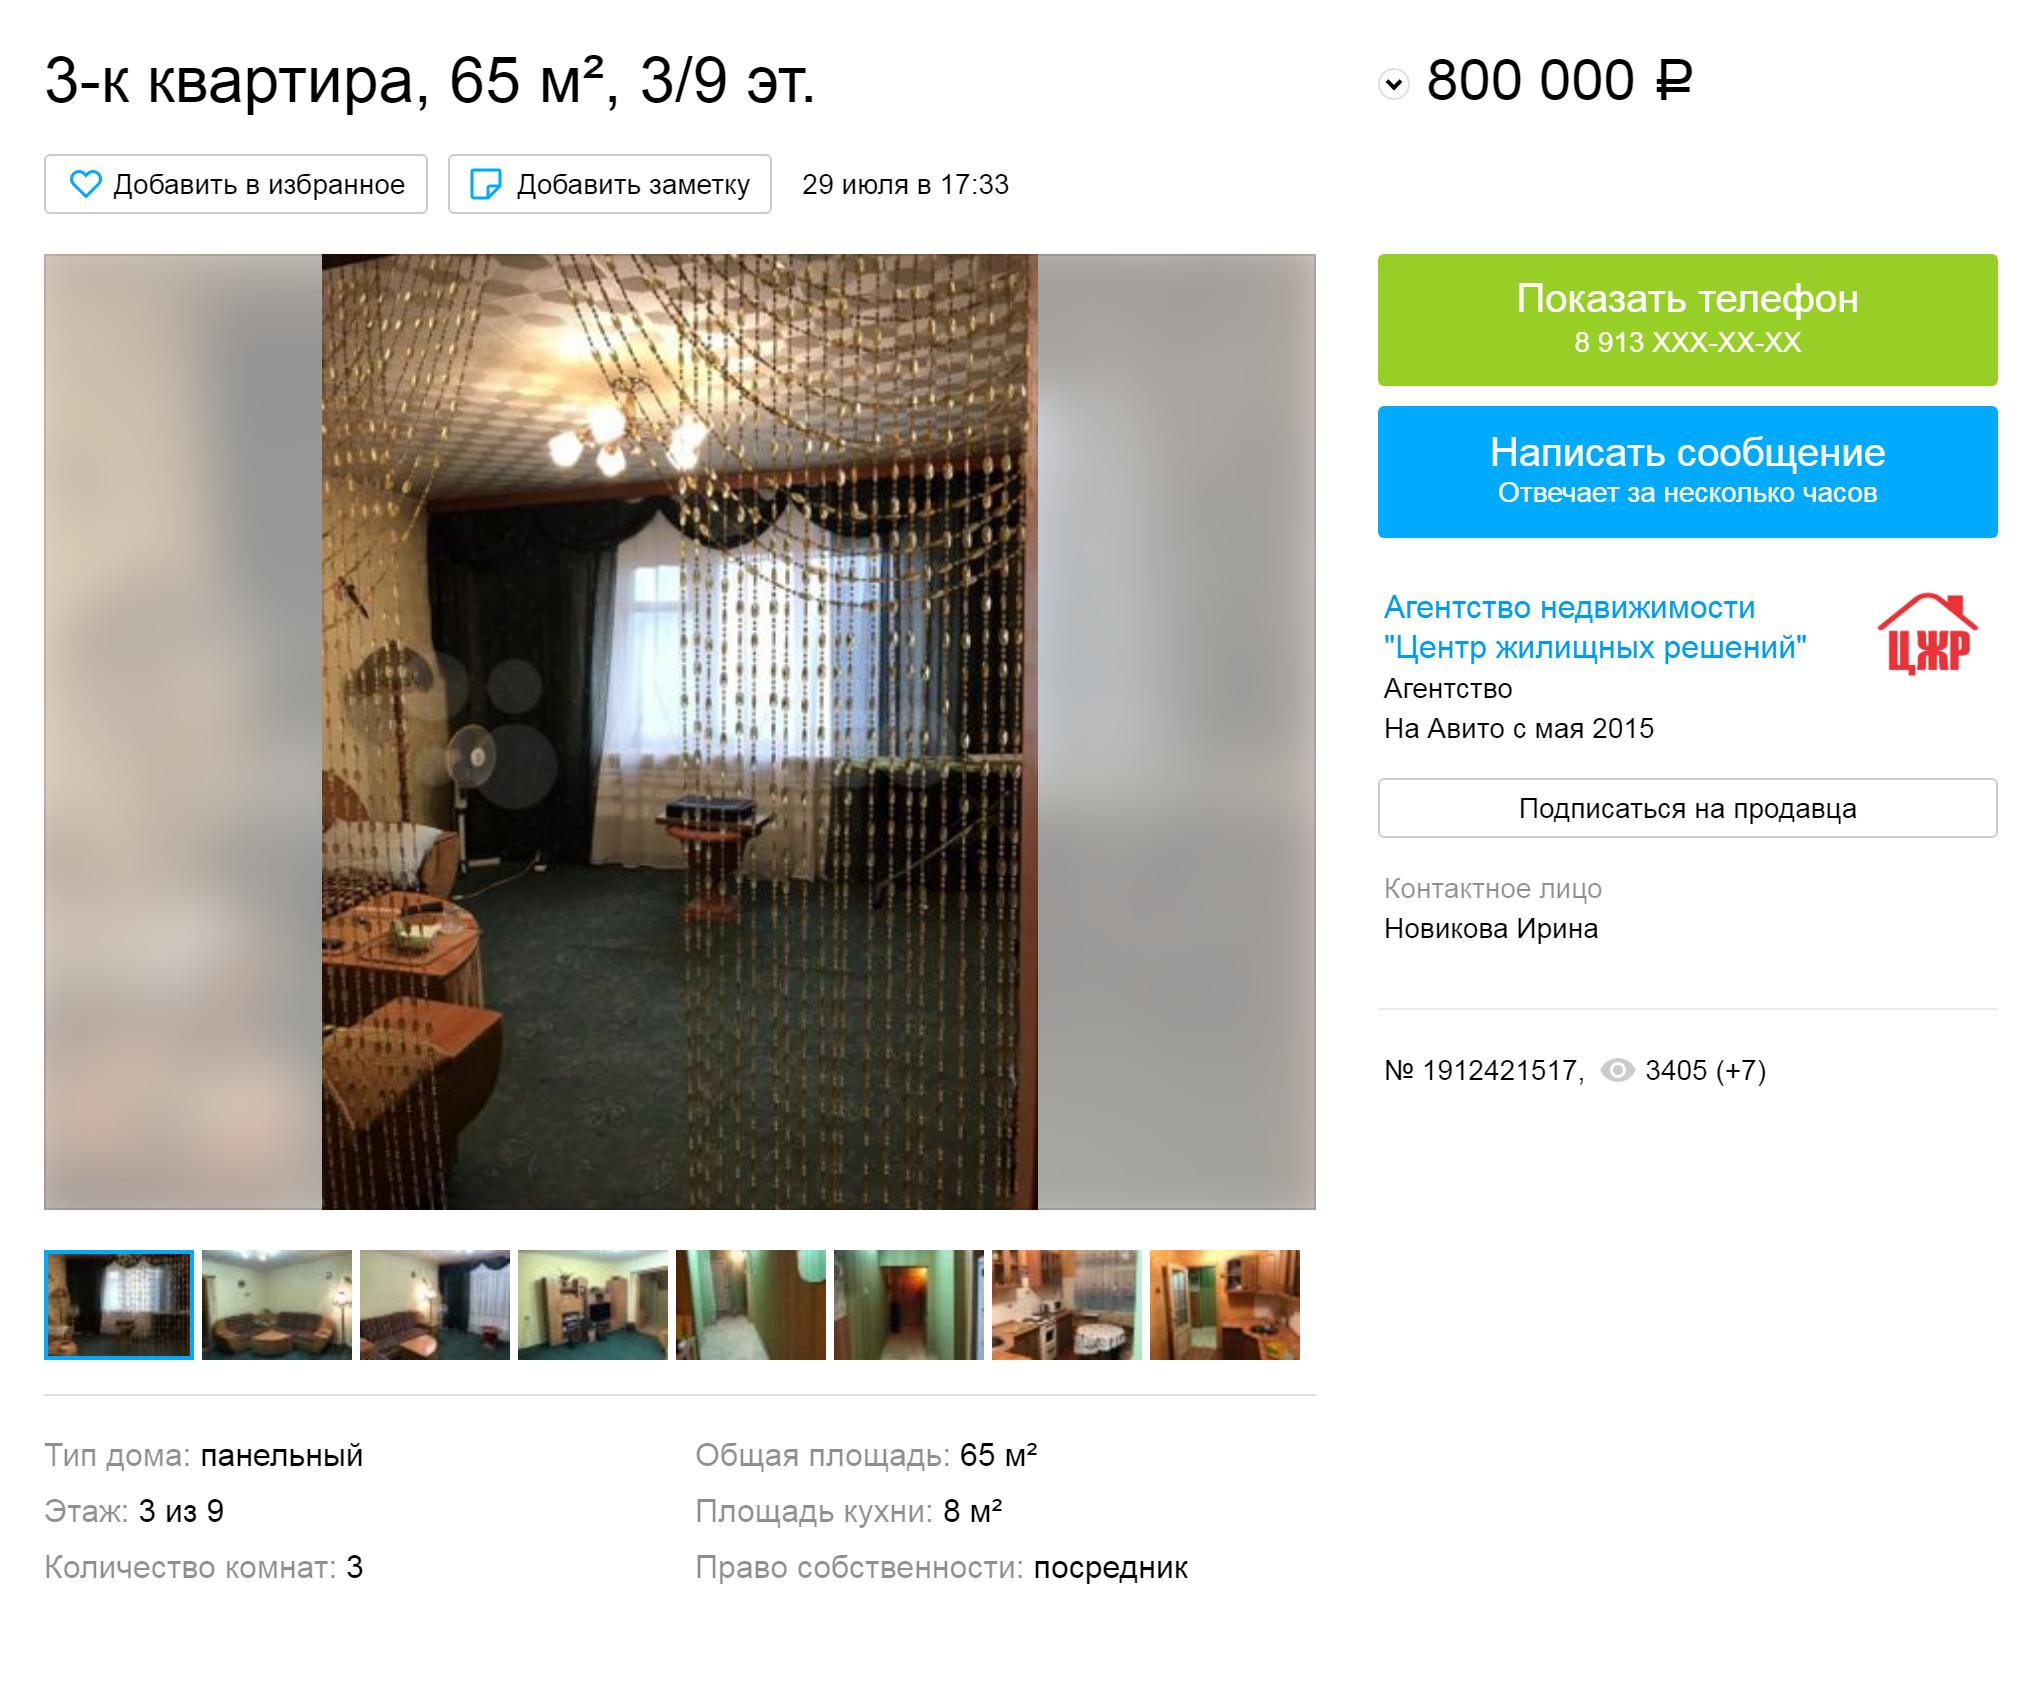 Трехкомнатная квартира вКайеркане стоит вдва раза дешевле, чем двушка вЦентральном районе